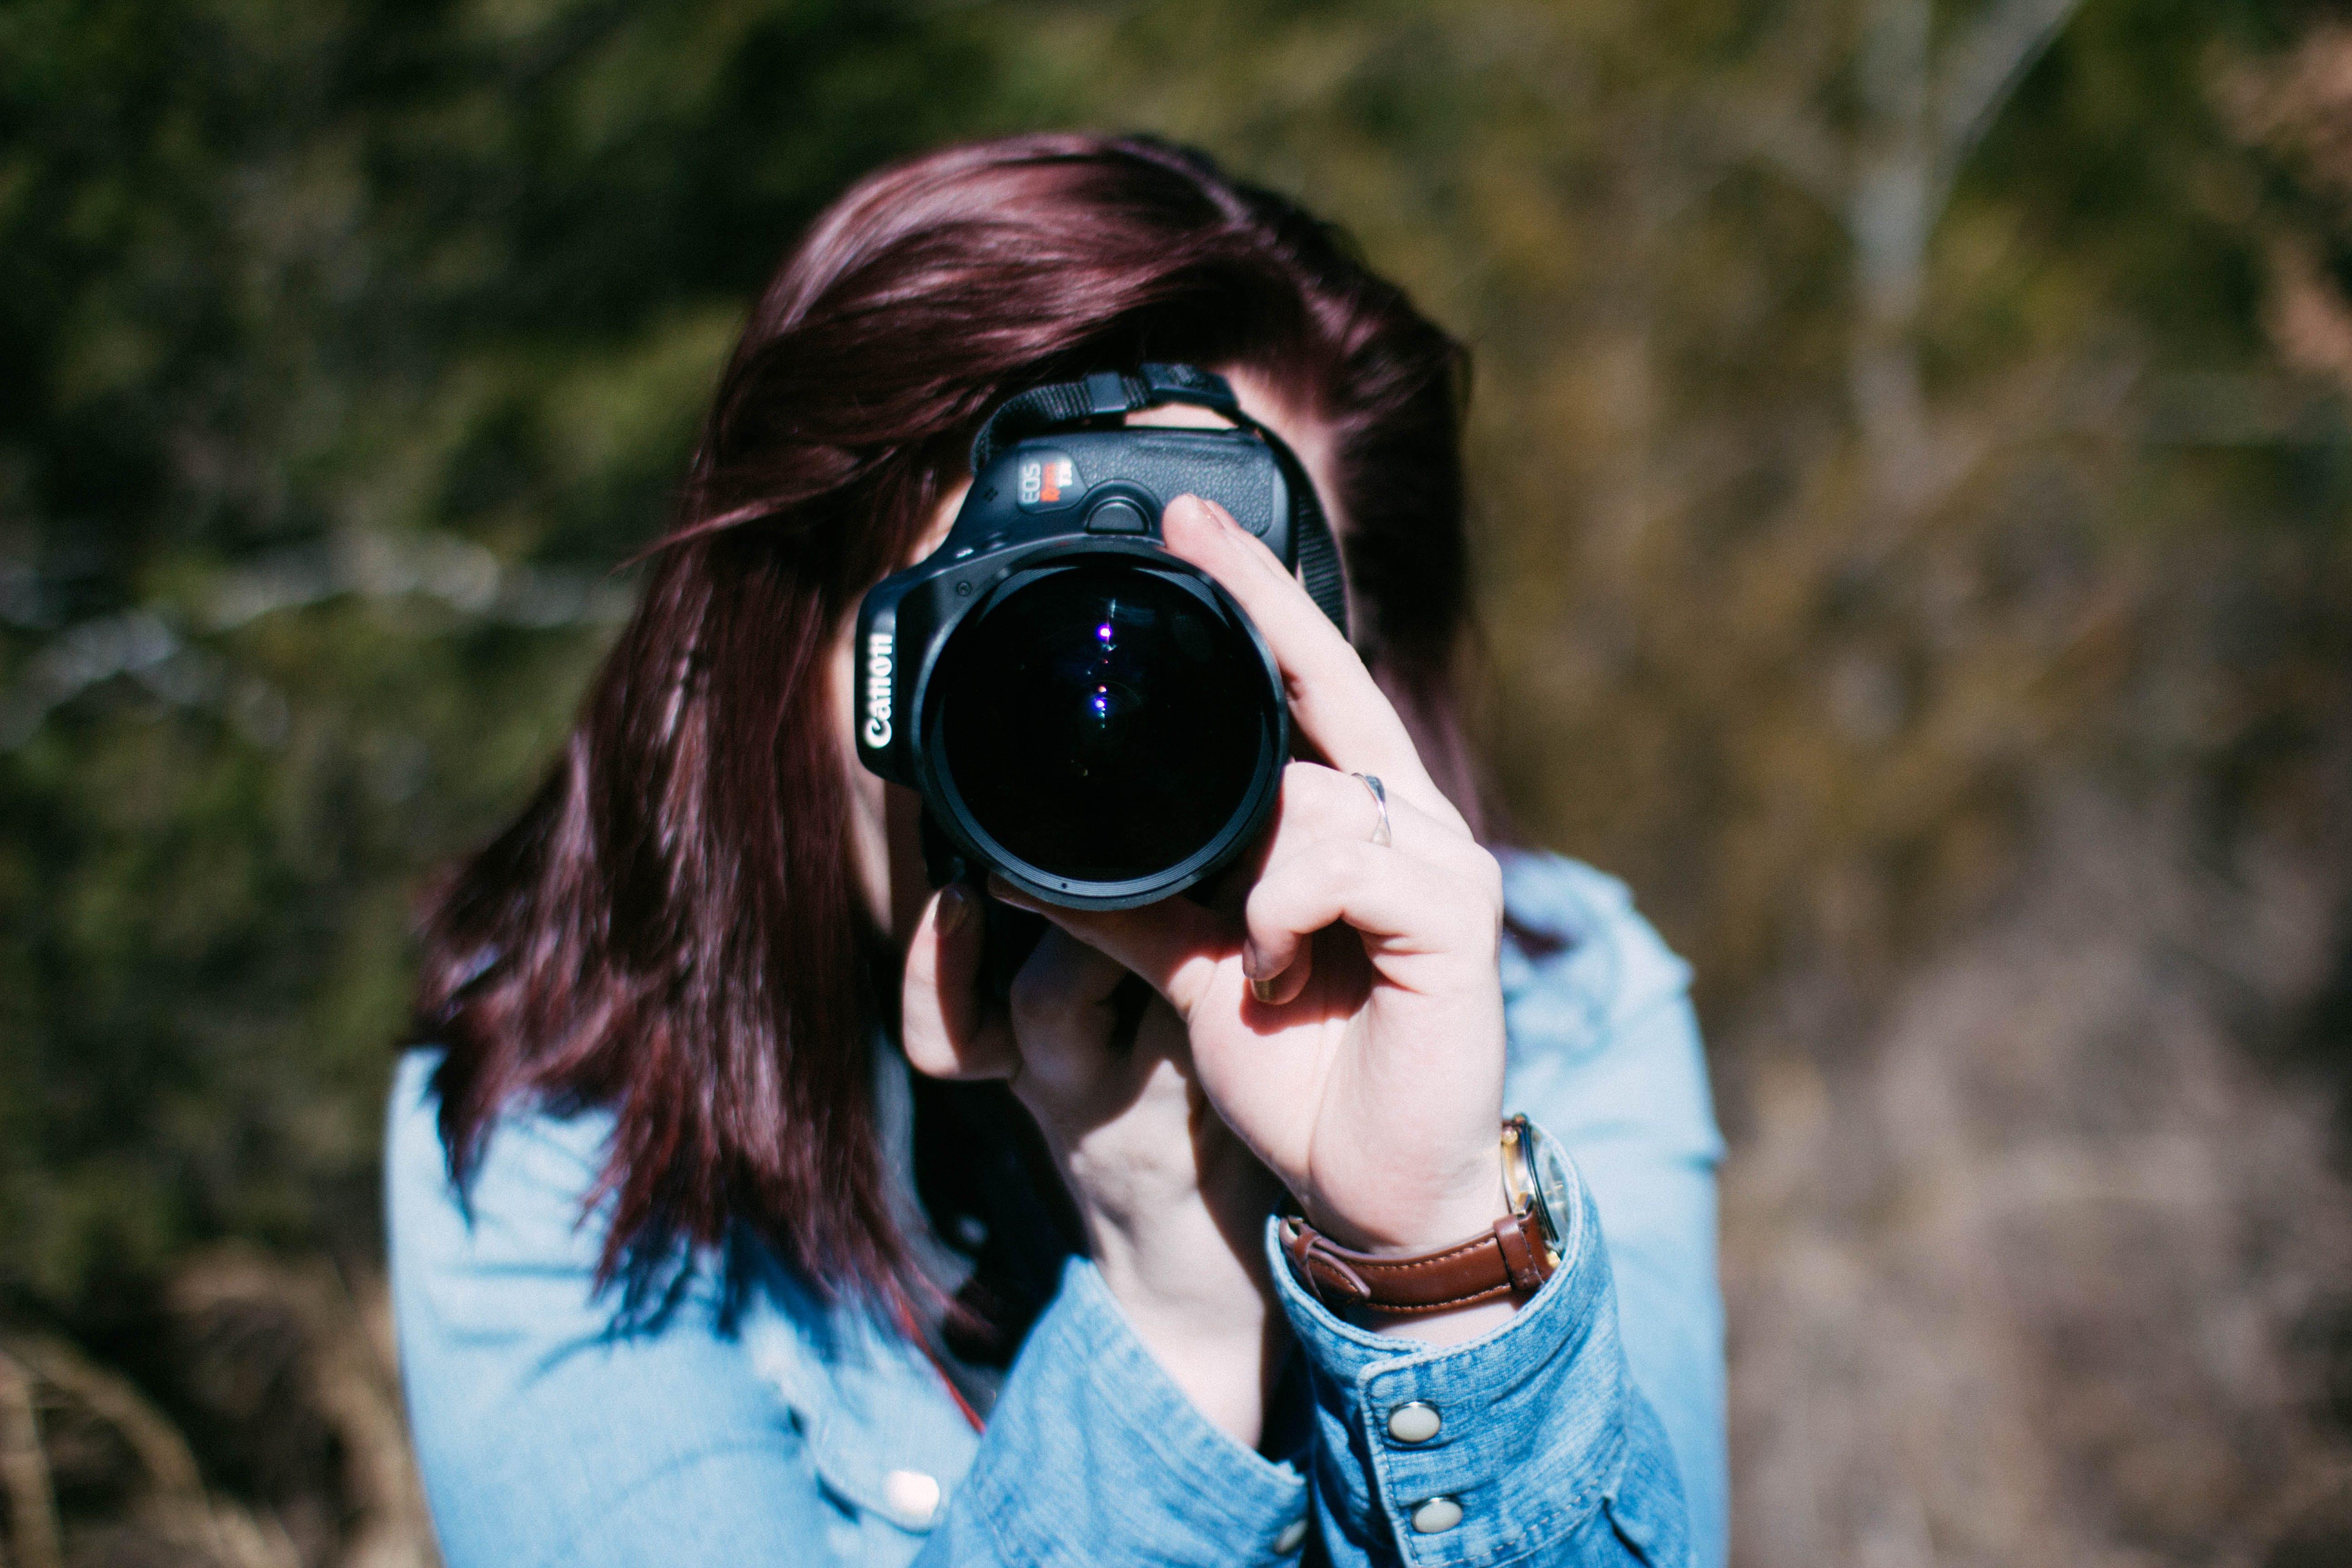 Kostnadsfri bild av dagsljus, flicka, fotografi, ha på sig